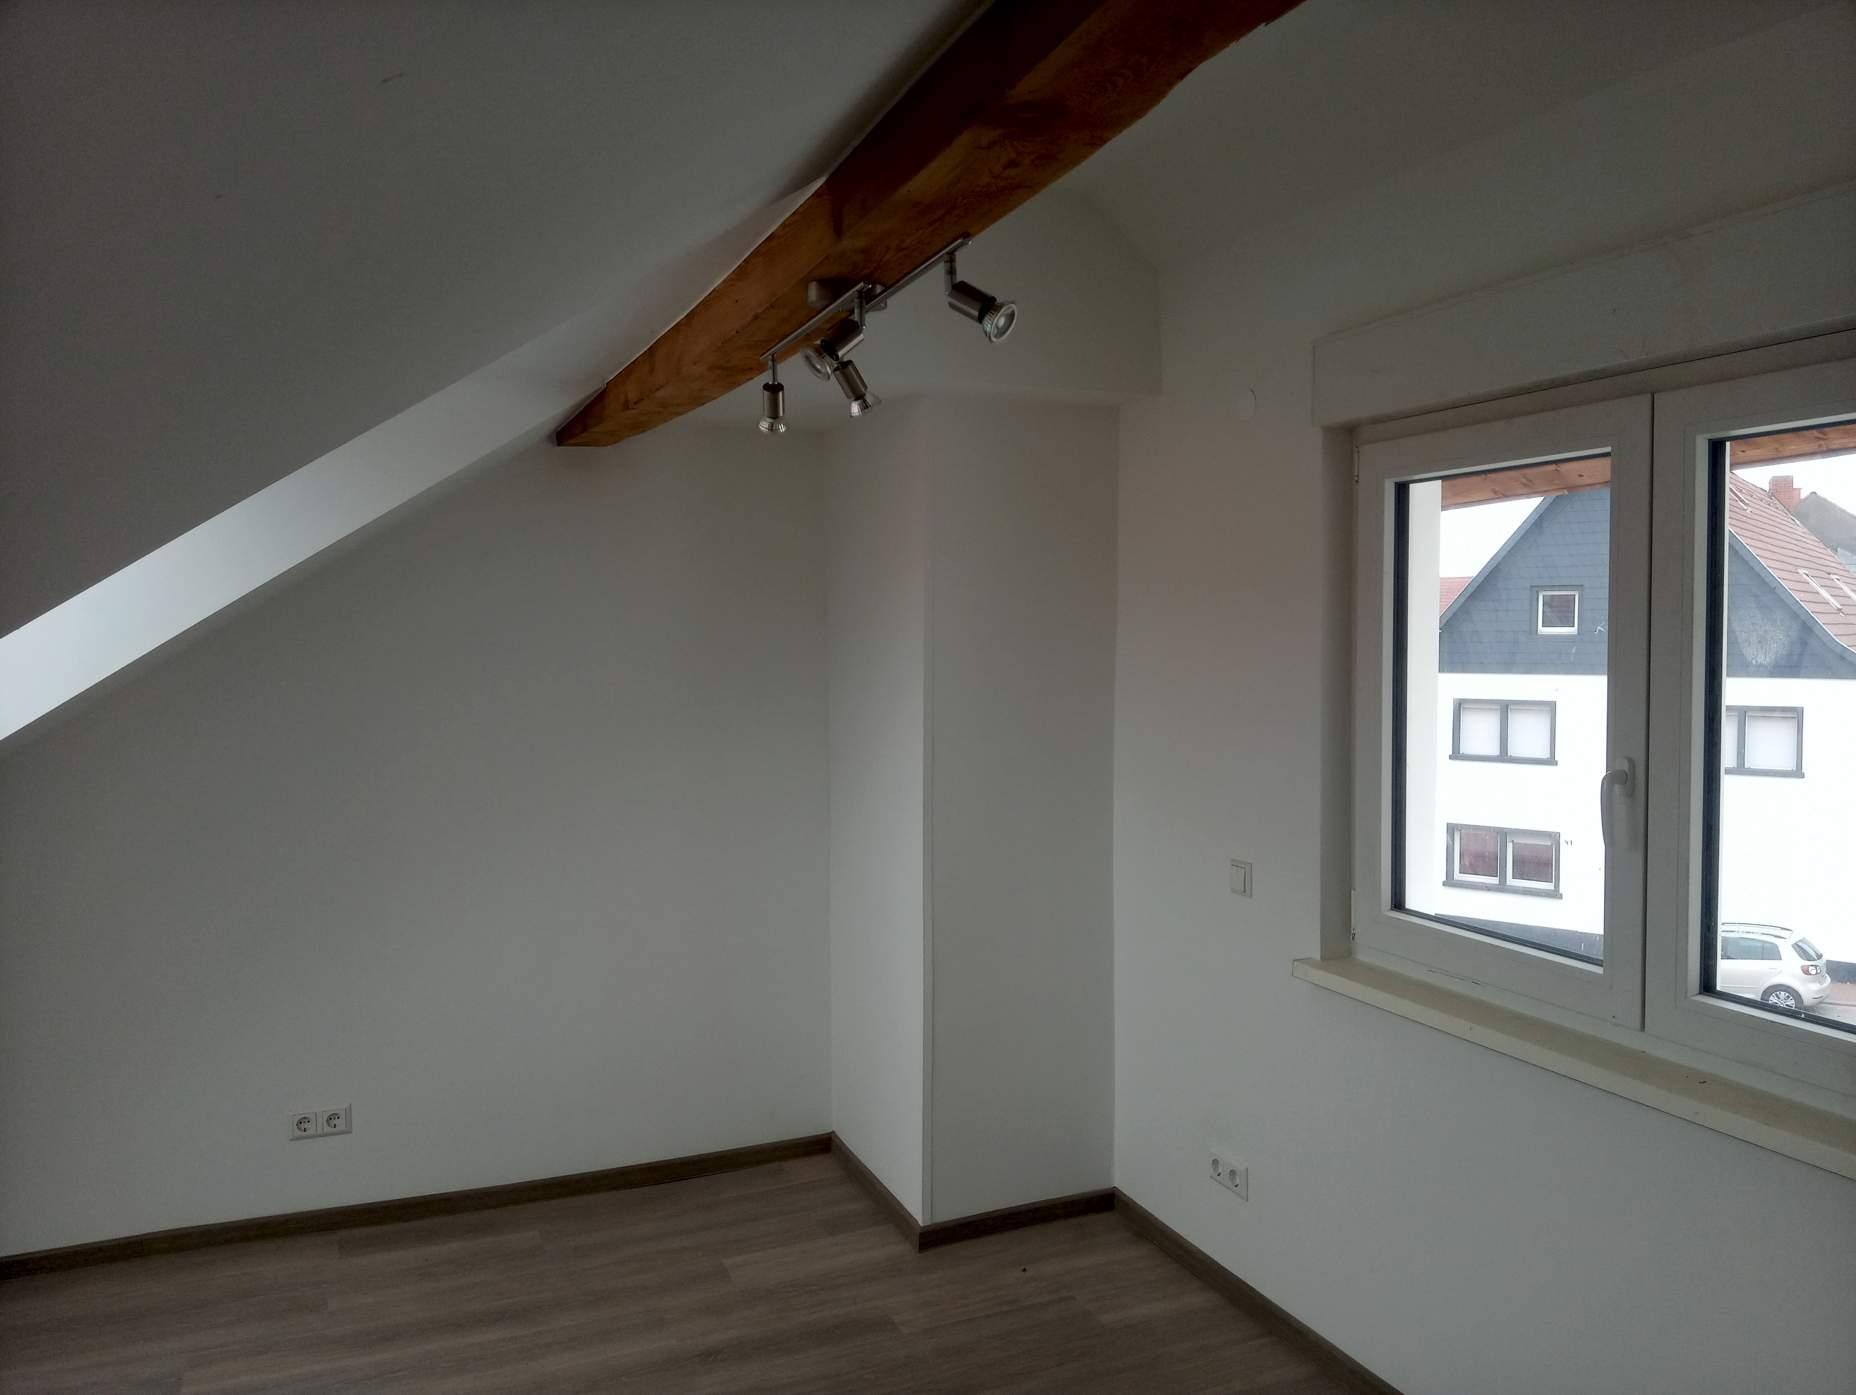 Ein weiser Raum bei dem die Malerarbeiten von der Firma Walter Becker aus Ramstein durchgeführt wurden